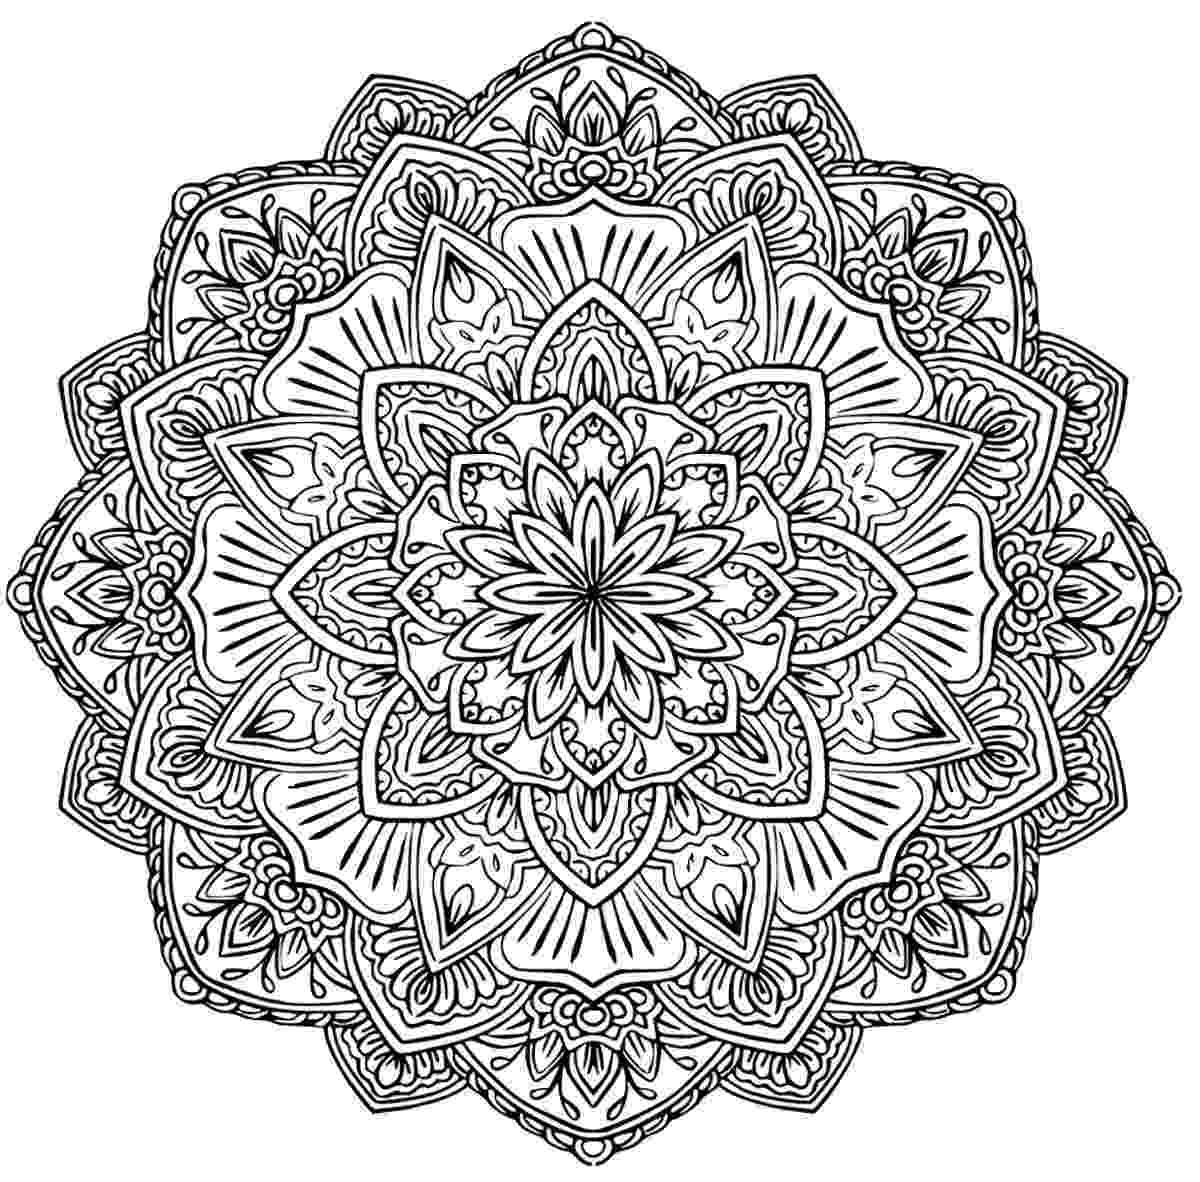 coloring mandalas for adults kids n funcom 39 coloring pages of mandala adults for mandalas coloring